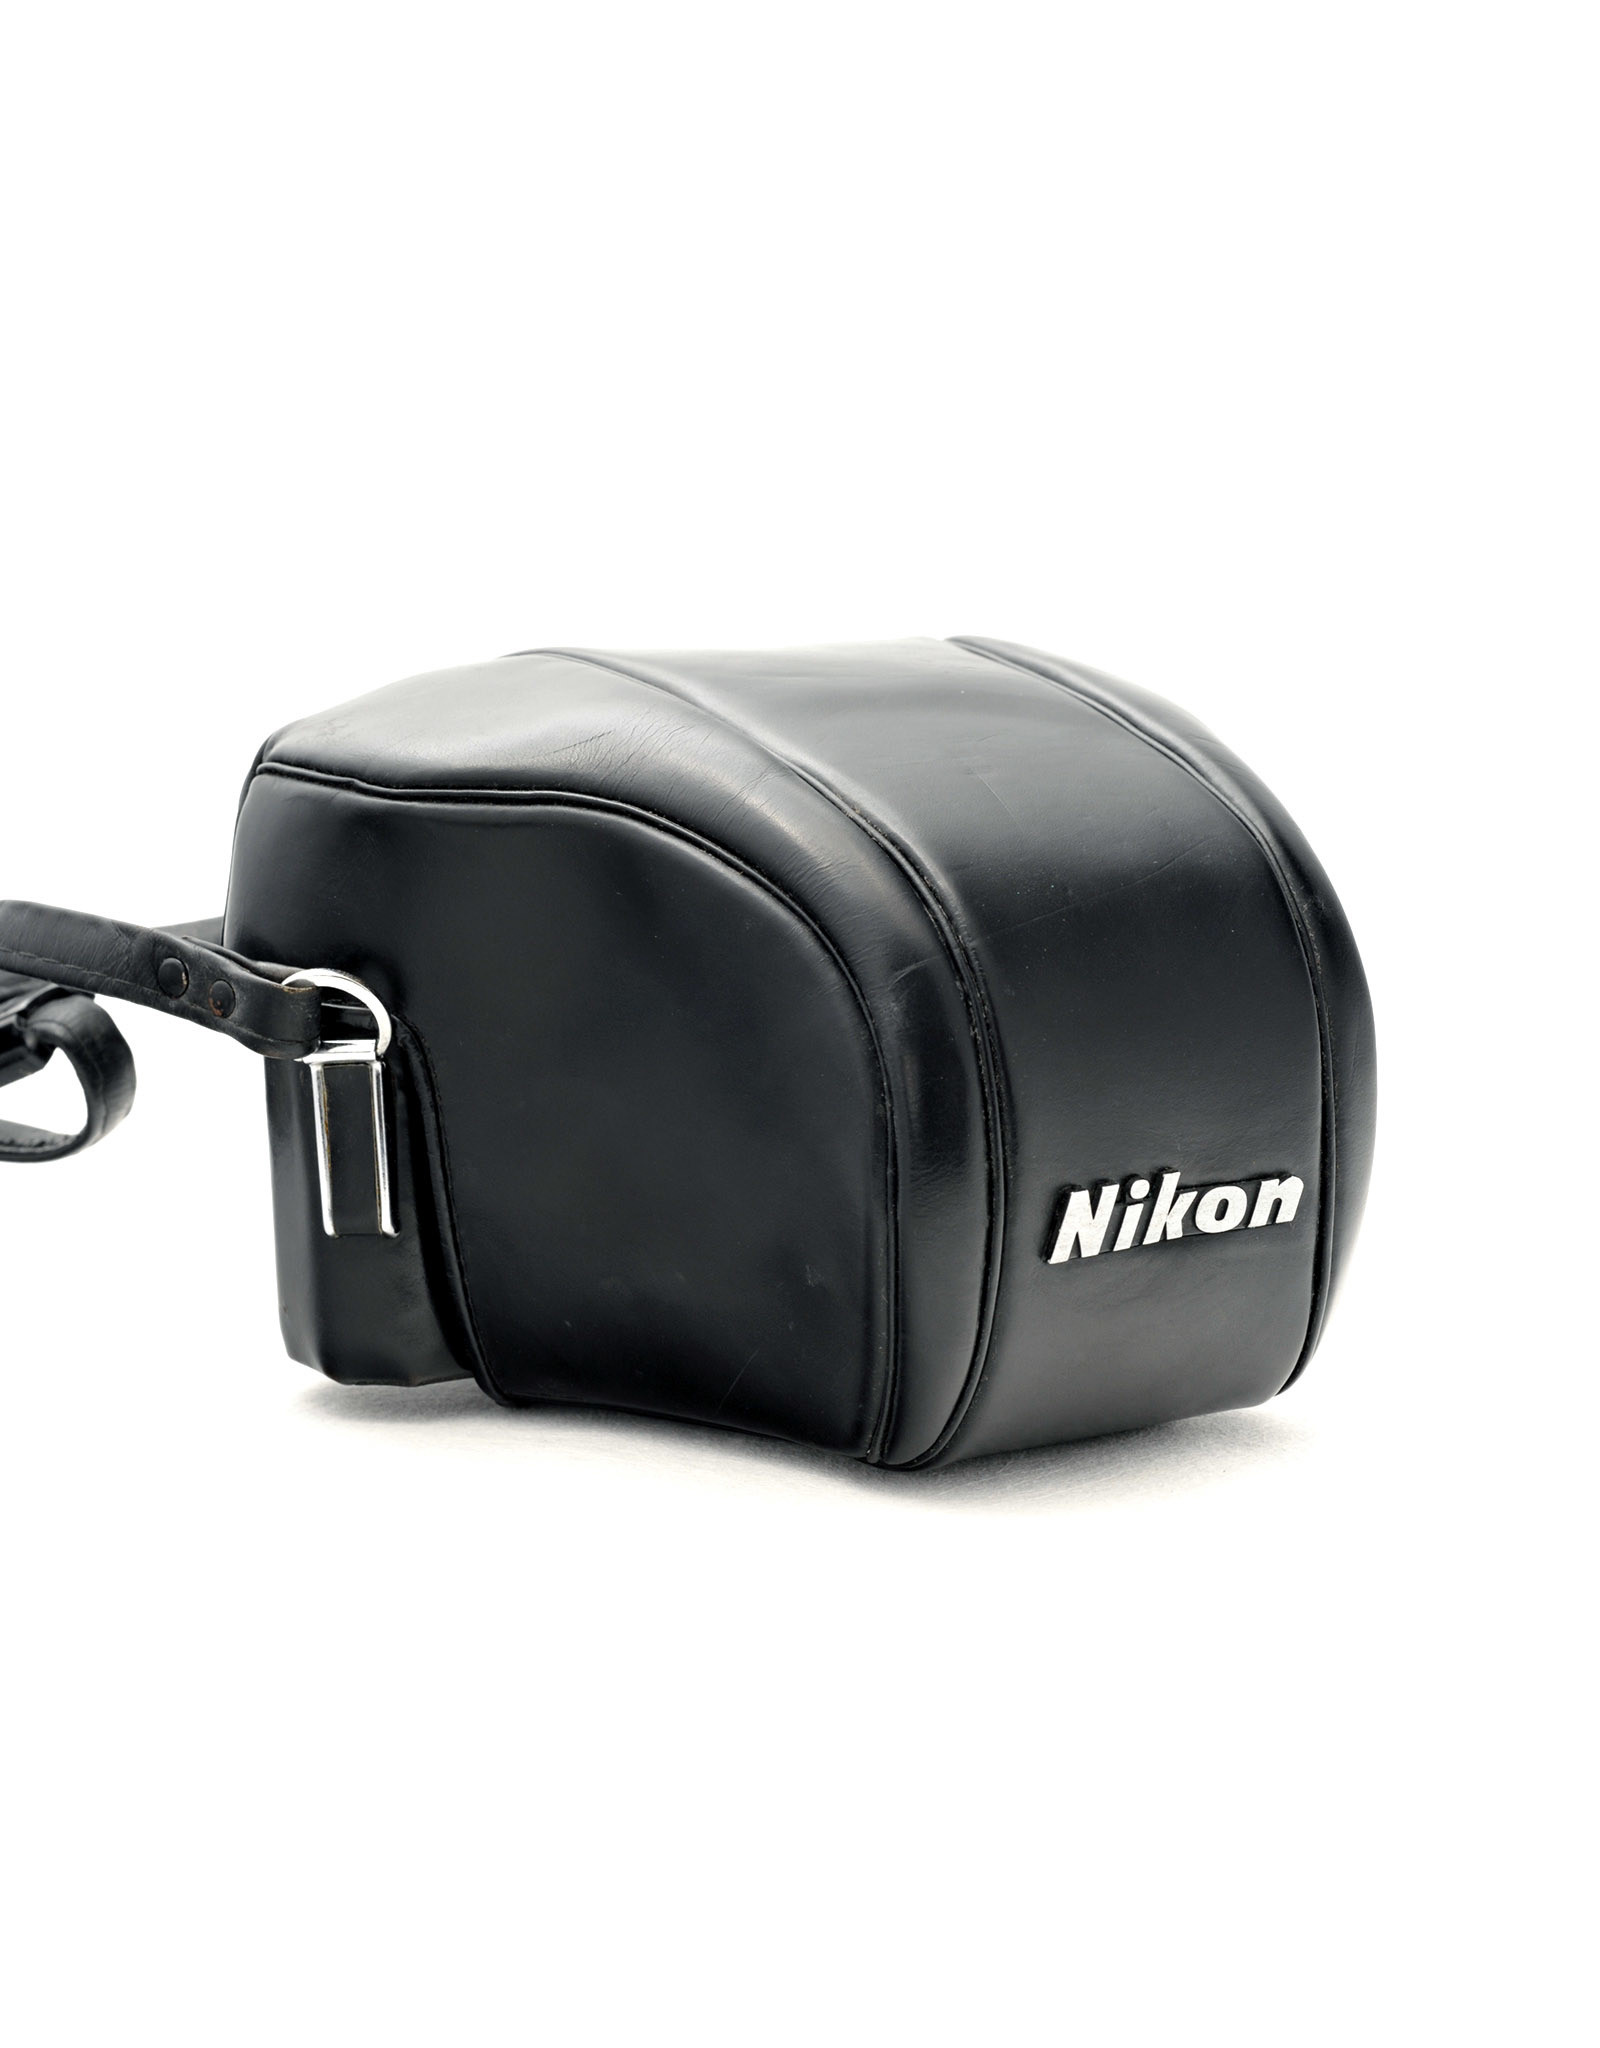 Nikon Nikon Leather Ever Ready Case for Nikon F (Black)    AP1071903